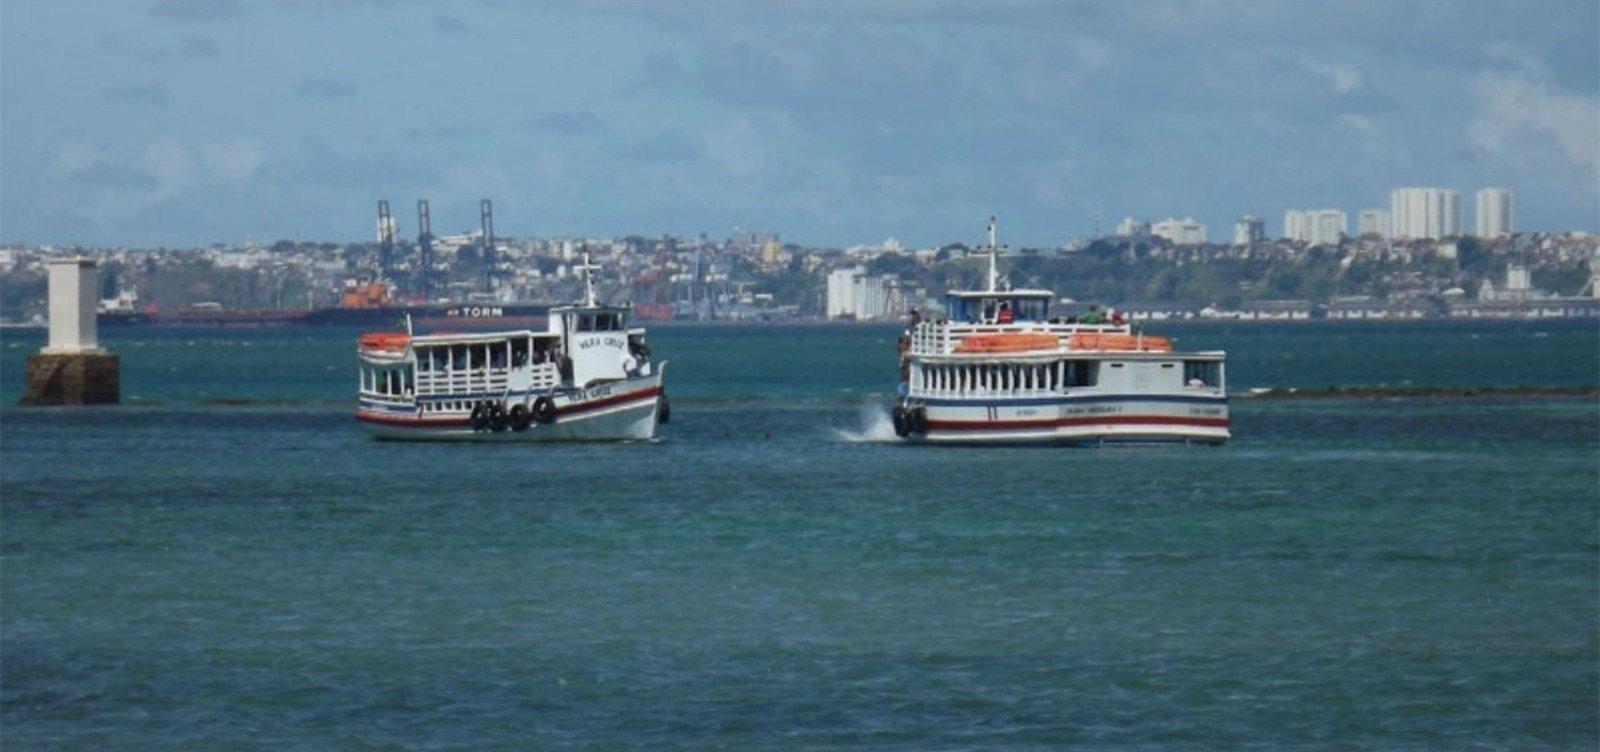 Travessia Salvador-Mar Grande tem embarque tranquilo na manhã deste domingo